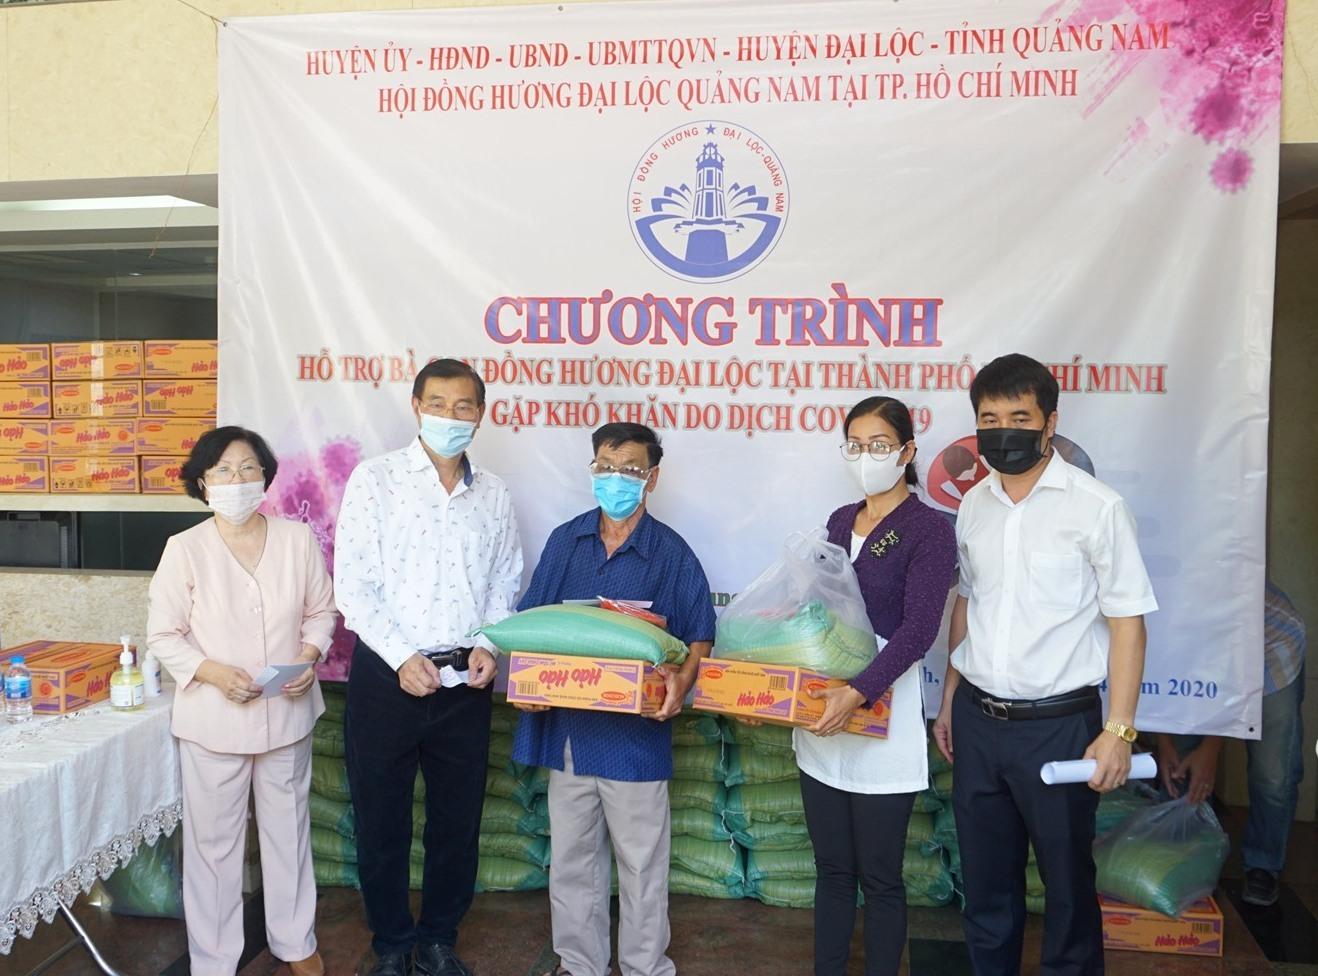 HĐH Đại Lộc tại TP.Hồ Chí Minh trao quà cho đồng hương Đại Lộc sinh sống tại TP.Hồ Chí Minh gặp khó khăn. Ảnh: N.C.SƠN